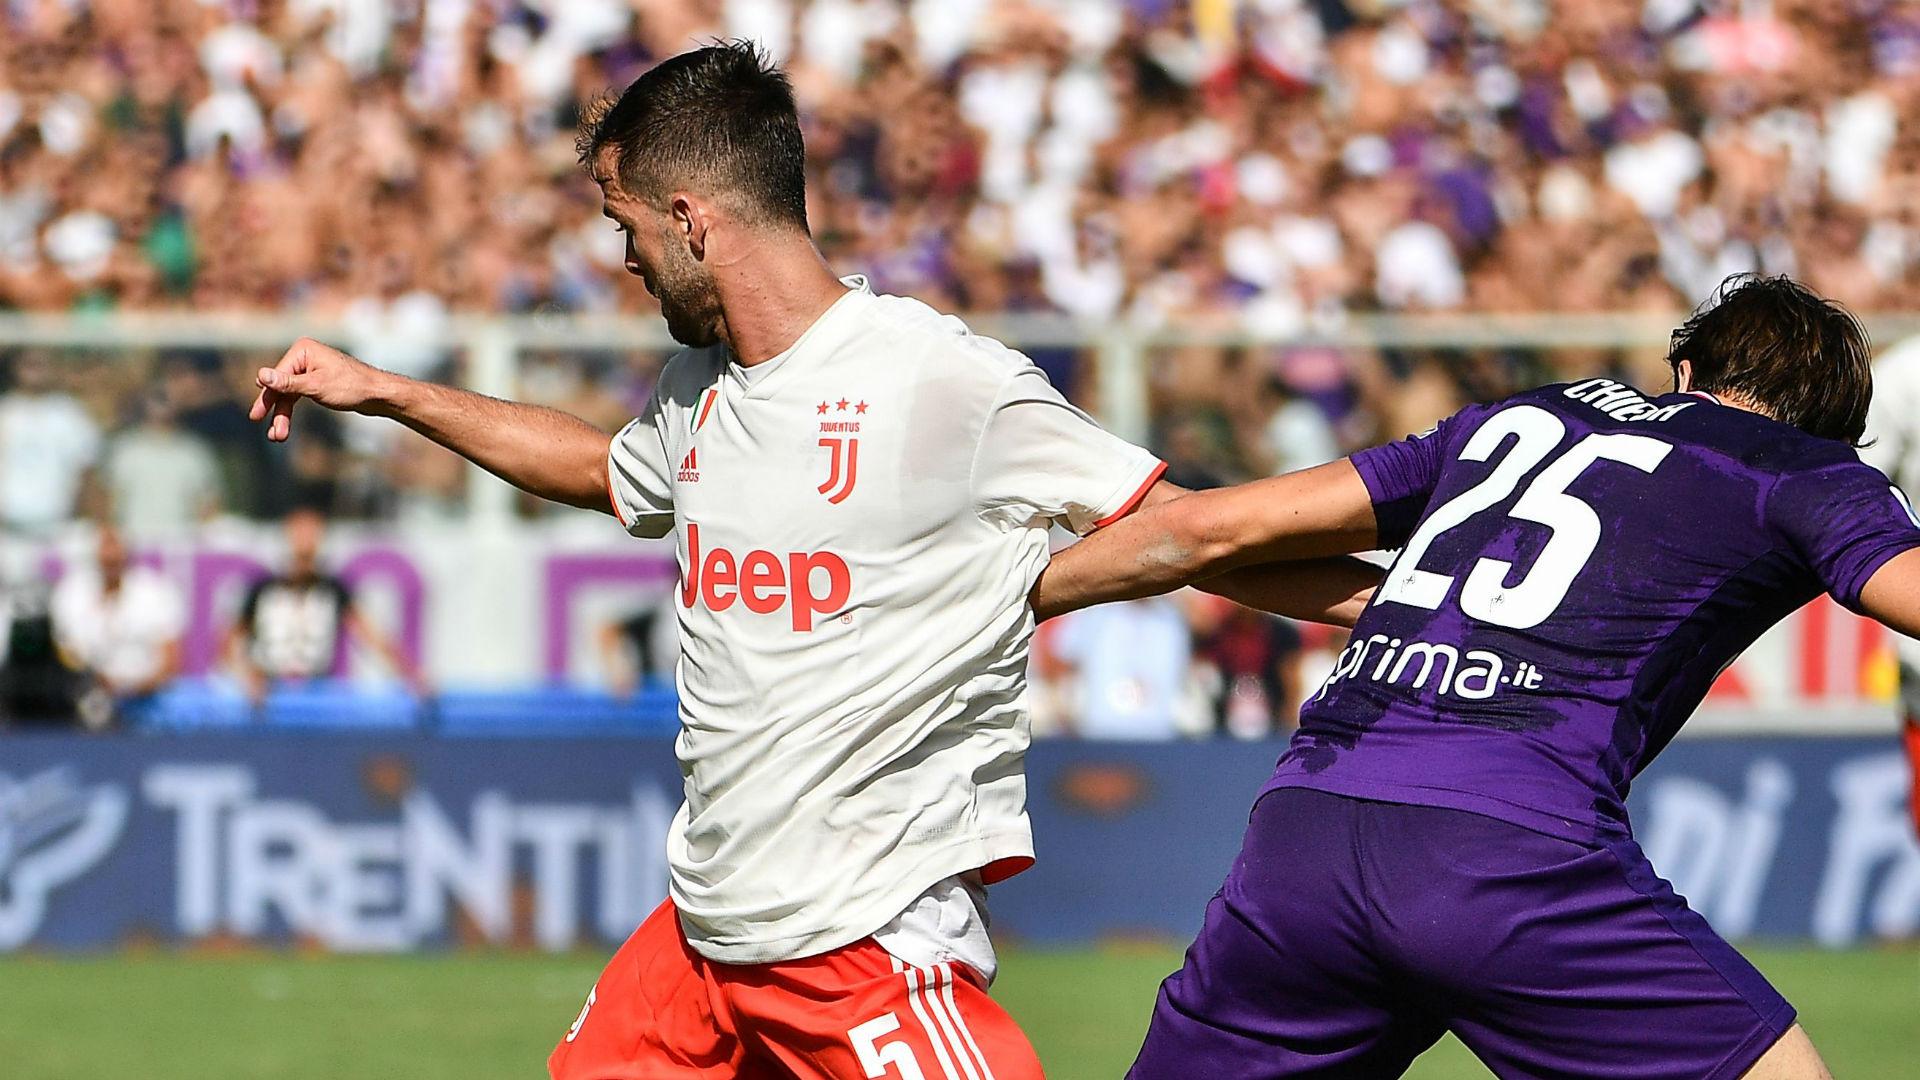 Juve, infortunio anche per Pjanic dopo Douglas Costa: al suo posto Bentancur